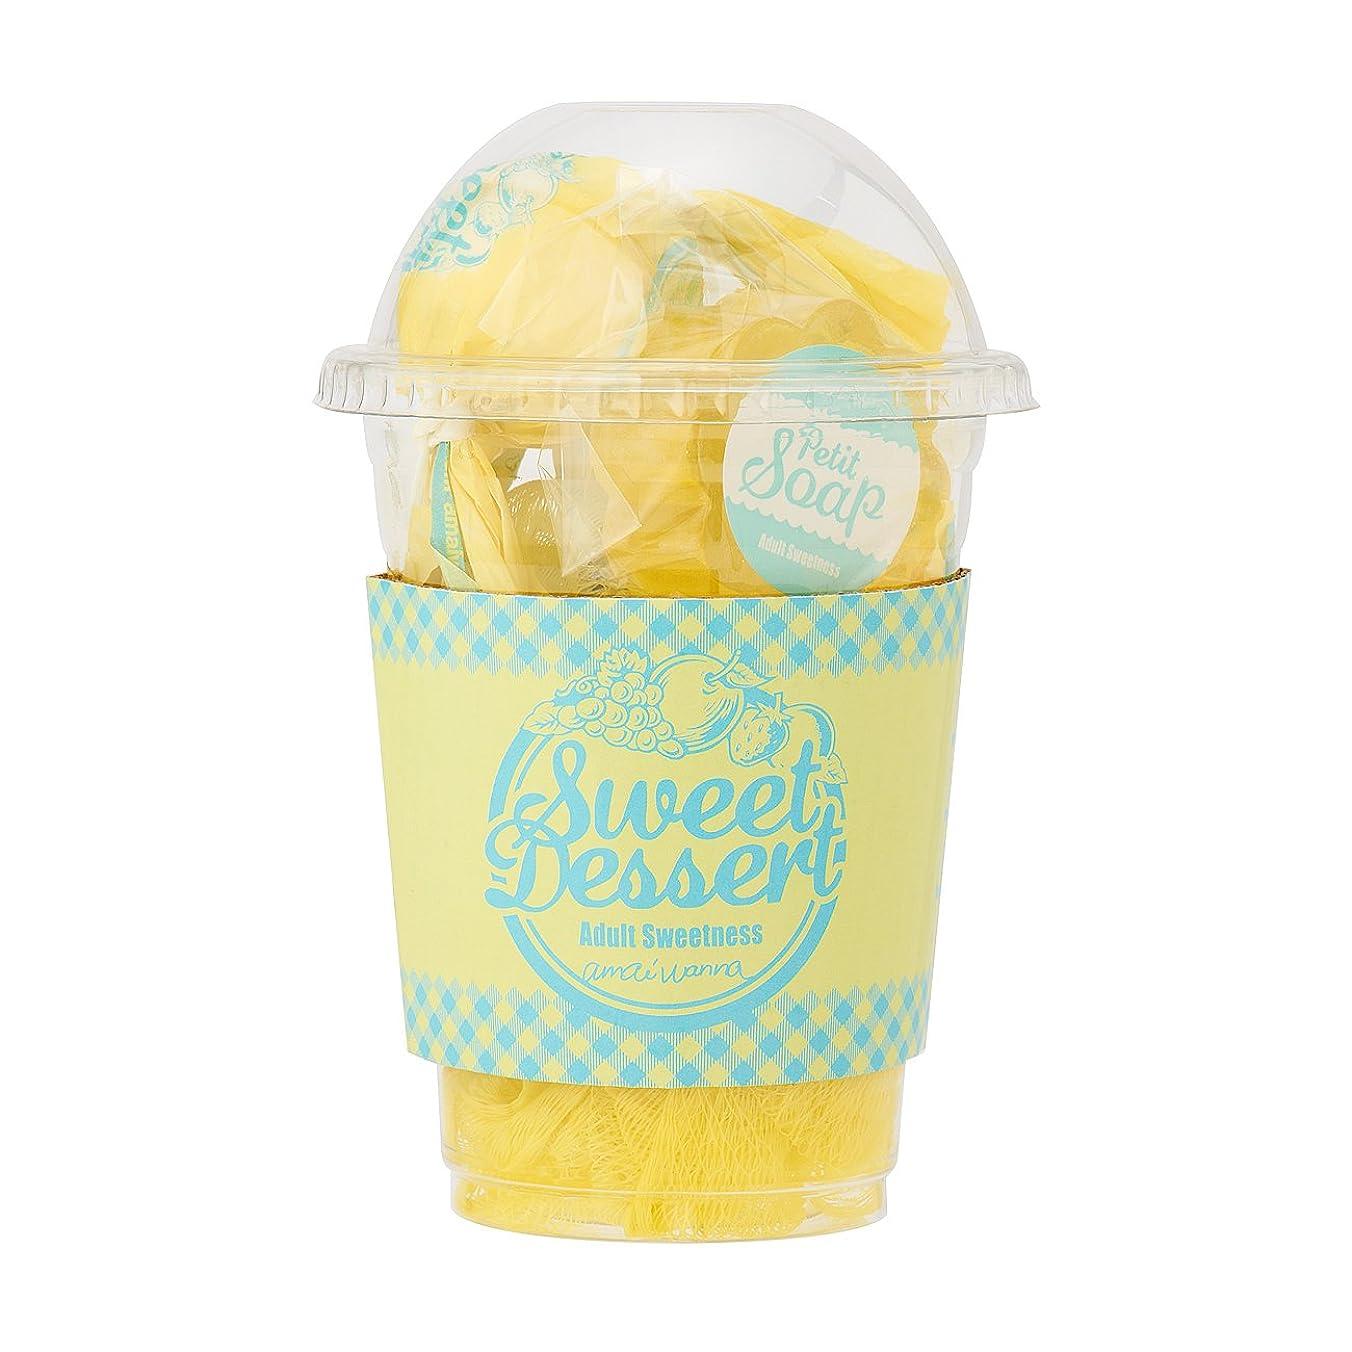 胃ソファー黙アマイワナ スイーツカップセット 大人の甘美デザート(入浴料ギフト バスキャンディー2個、プチソープ1個、スポンジ1個 フローラルと果実の香り)